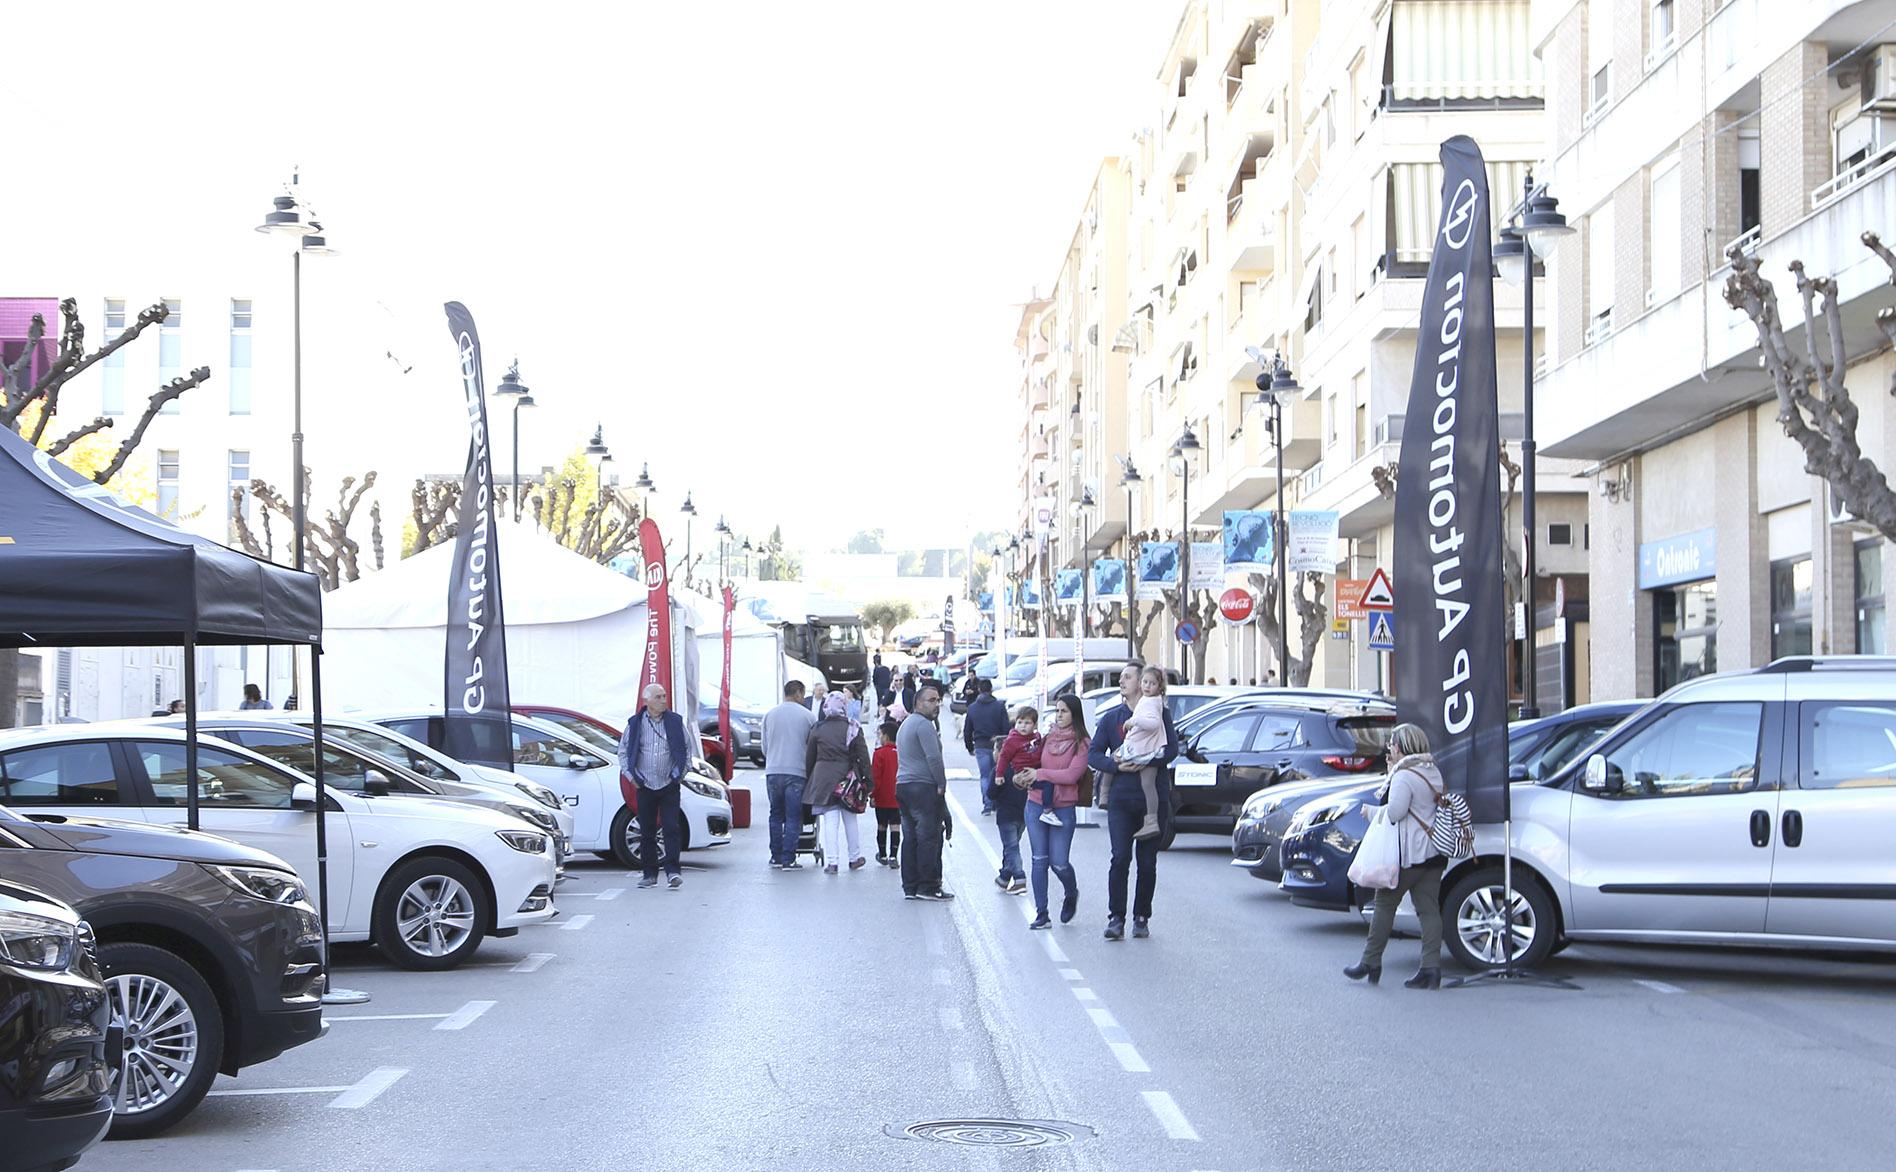 Firauto ven 100 cotxes en dos dies El Periòdic d'Ontinyent